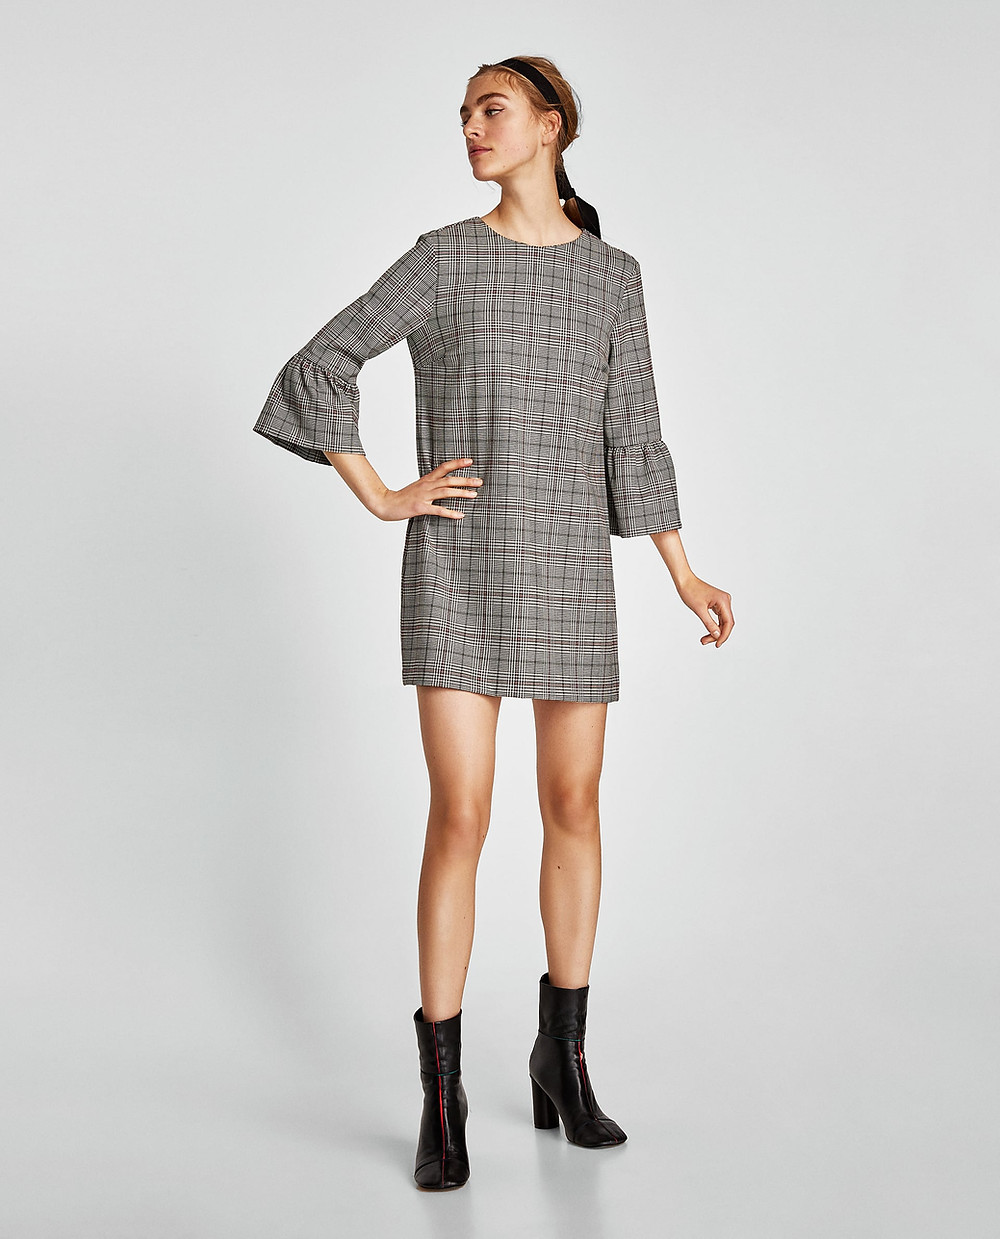 Zara Check Mini Dress $19.99